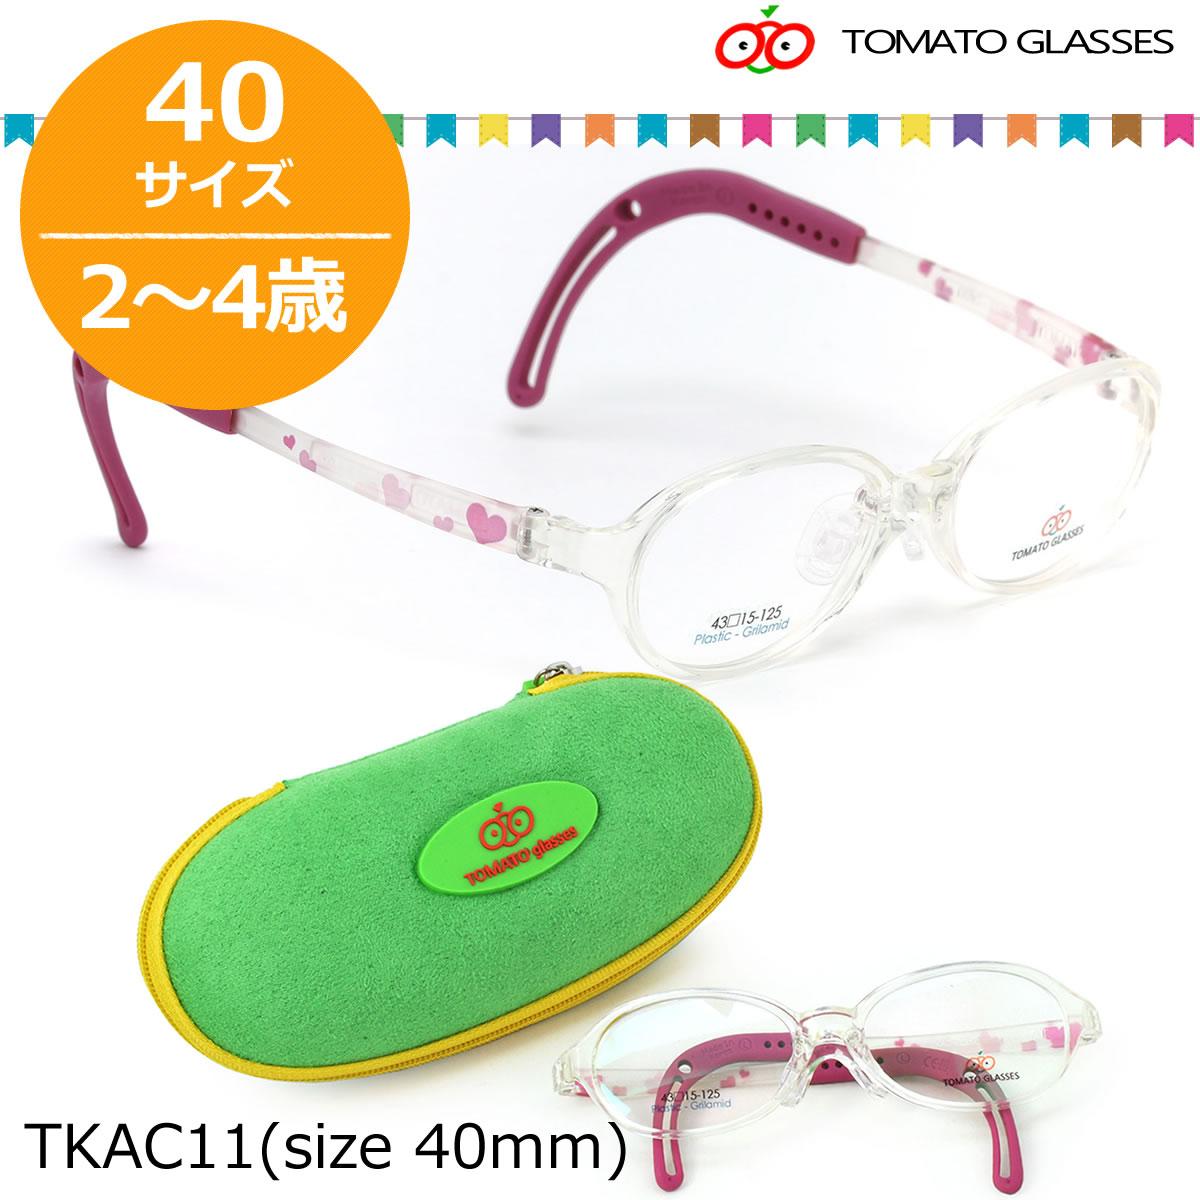 ほぼ全品ポイント15倍~最大43倍+3倍!お得なクーポンも! 【TOMATO GLASSES】(トマトグラッシーズ) キッズ用メガネ メガネ フレーム TKAC 11 40サイズ オシャレ おしゃれ おすすめ 可愛い 安全 安心 キッズA 軽量 柔らかい